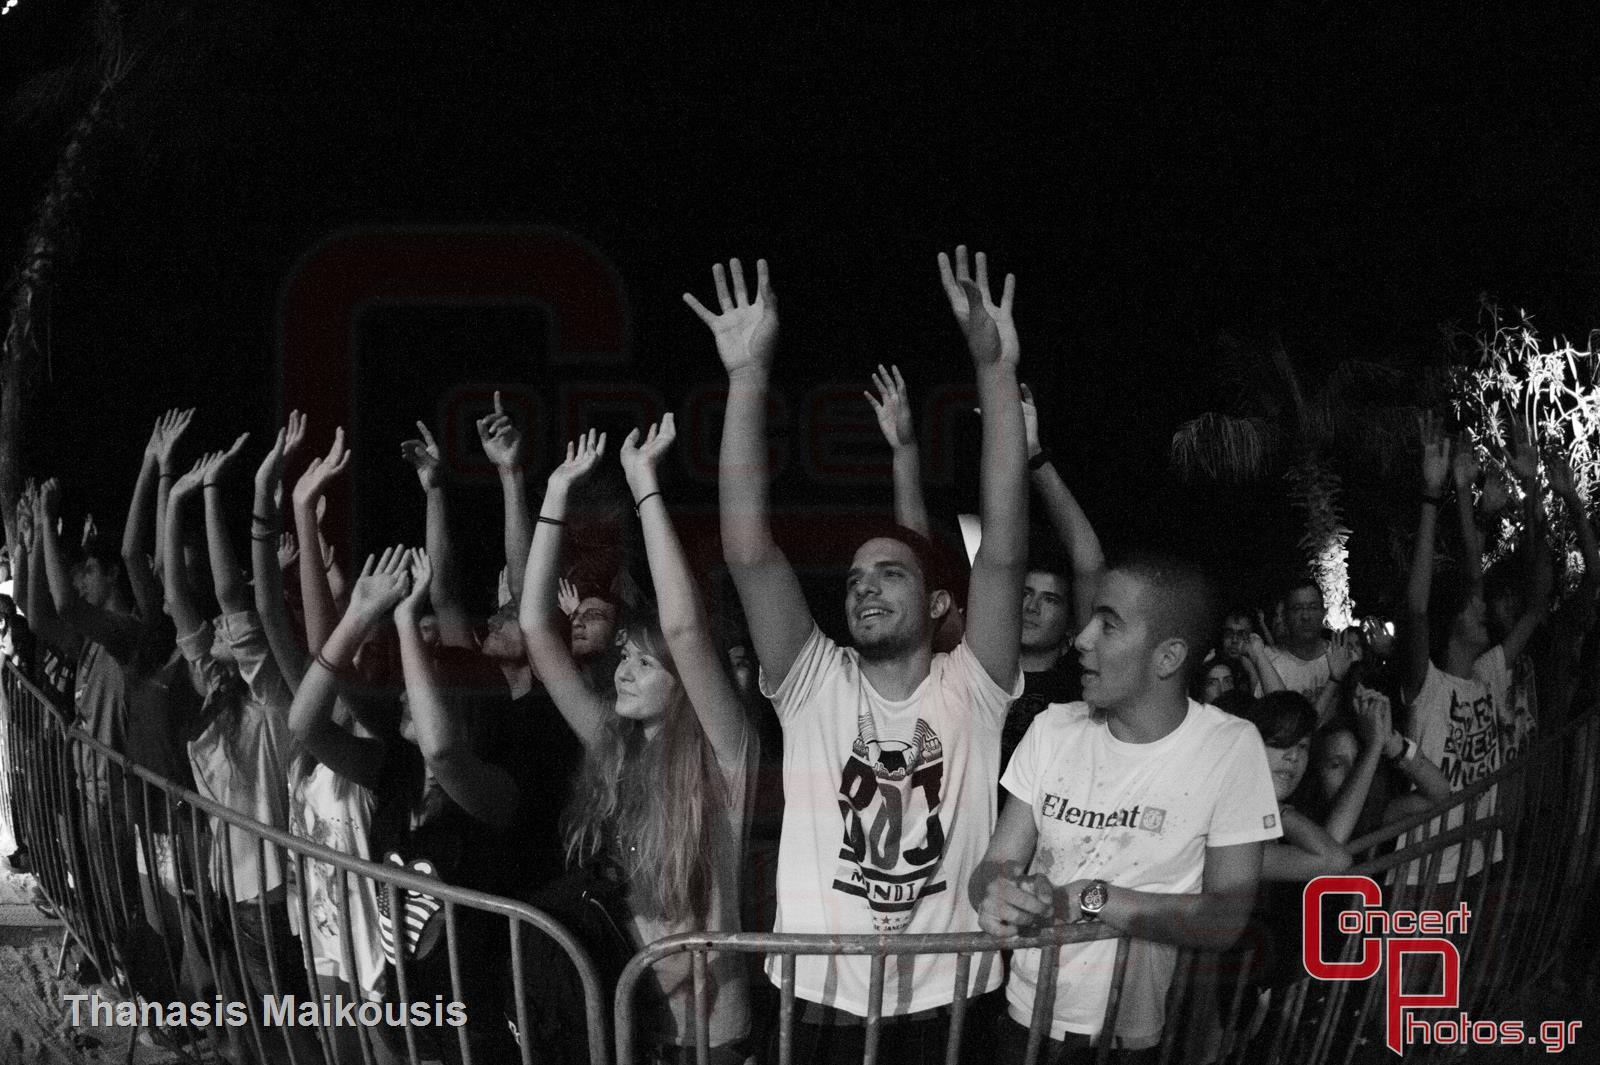 Locomondo-Locomondo 2013 Bolivar photographer: Thanasis Maikousis - concertphotos_-6203